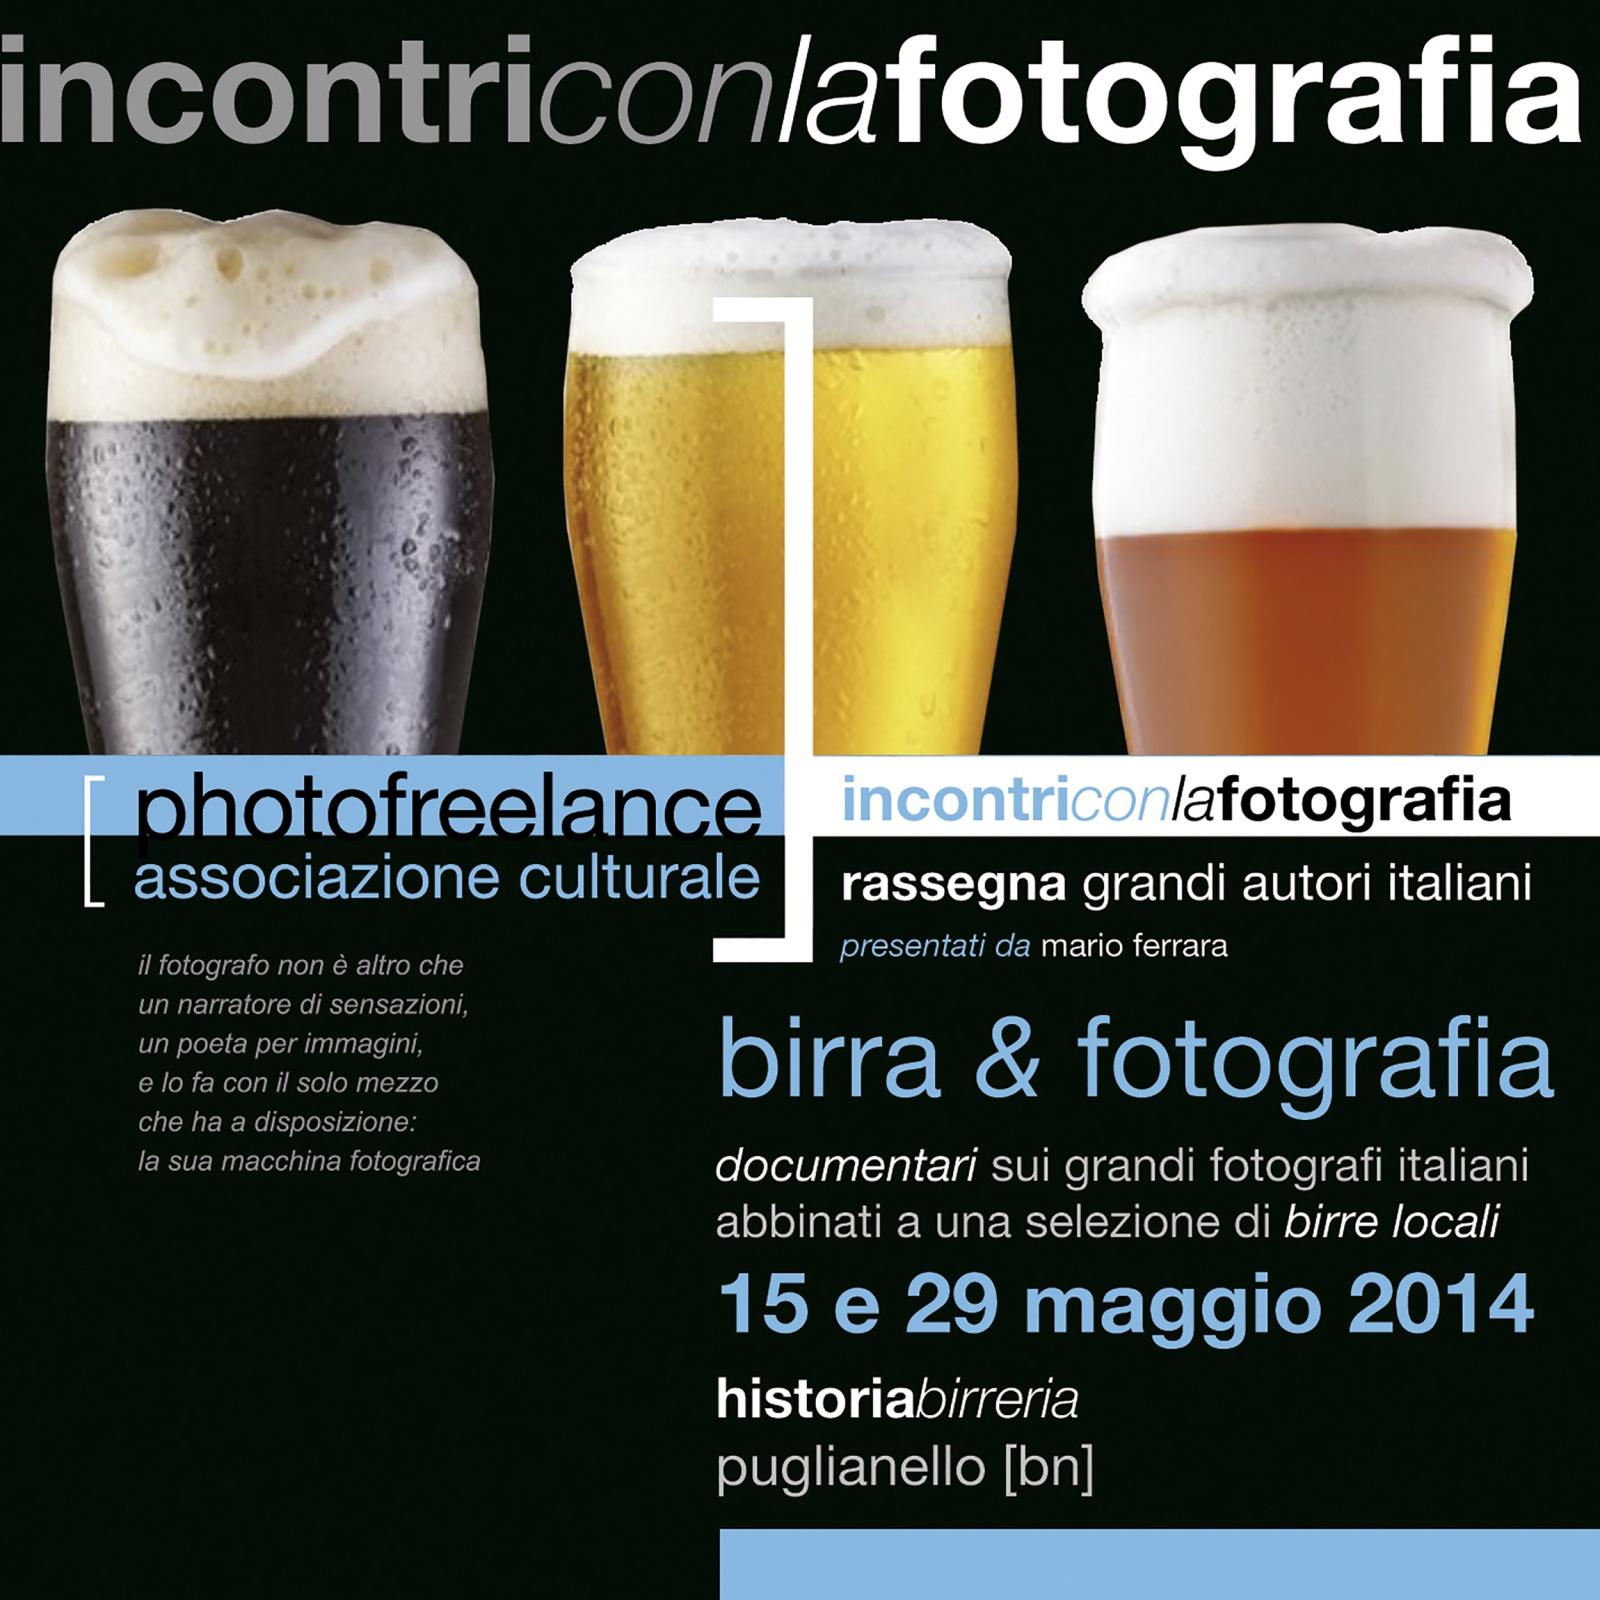 birra e fotografia 2014